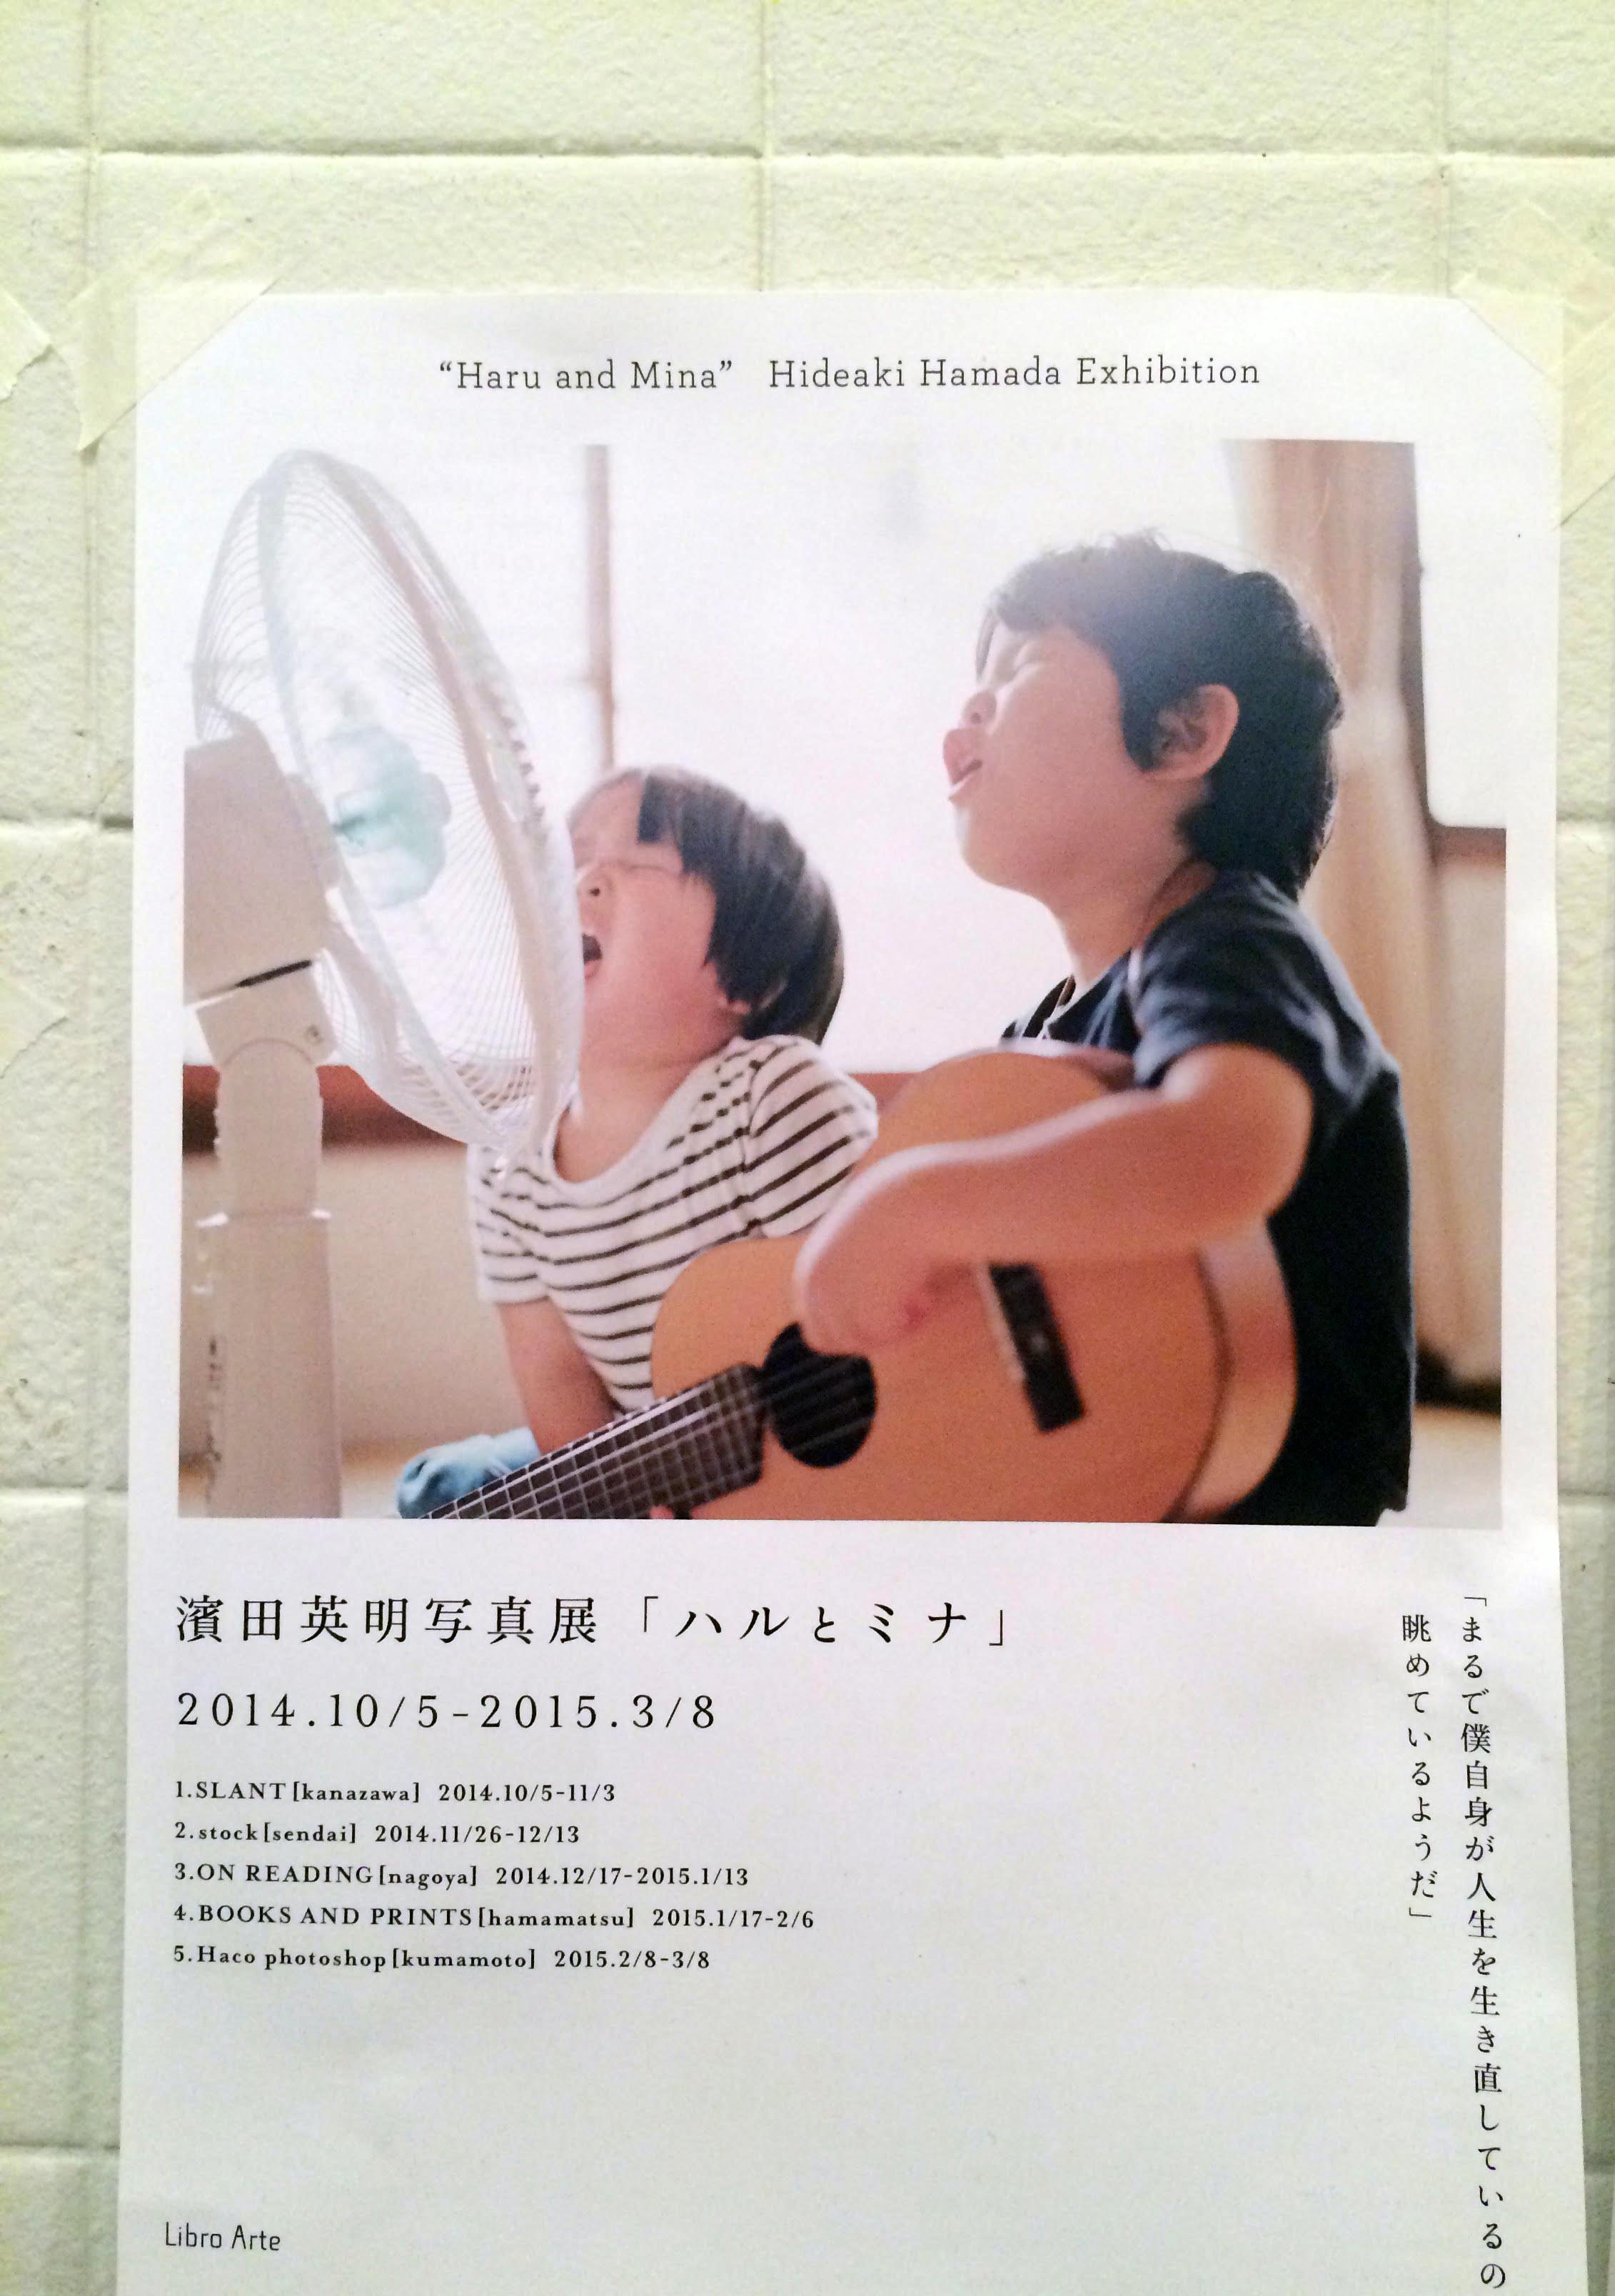 濱田英明写真展『Haru and Mina』